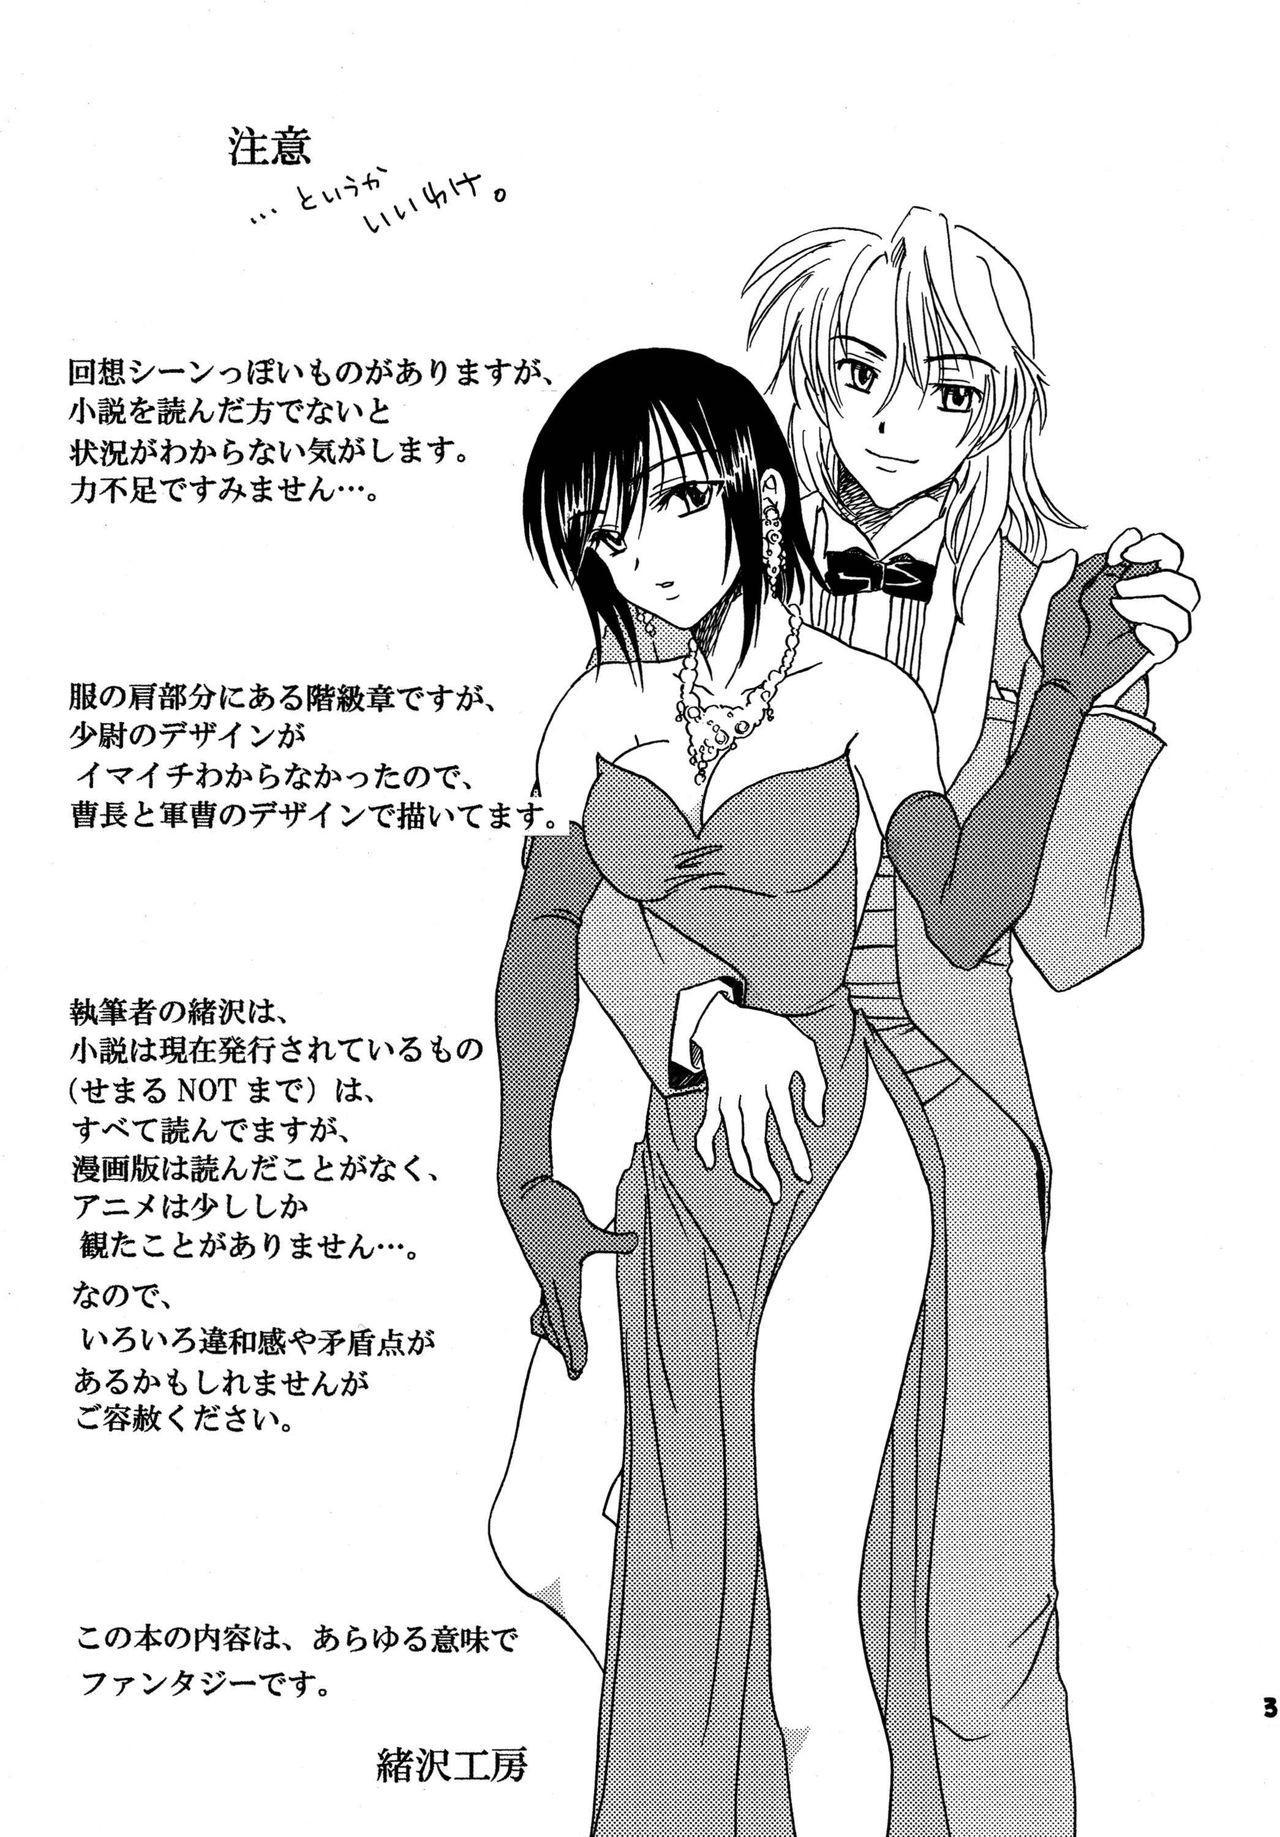 Kakehiki wa Kibishiku Sasayaki wa Amaku 2